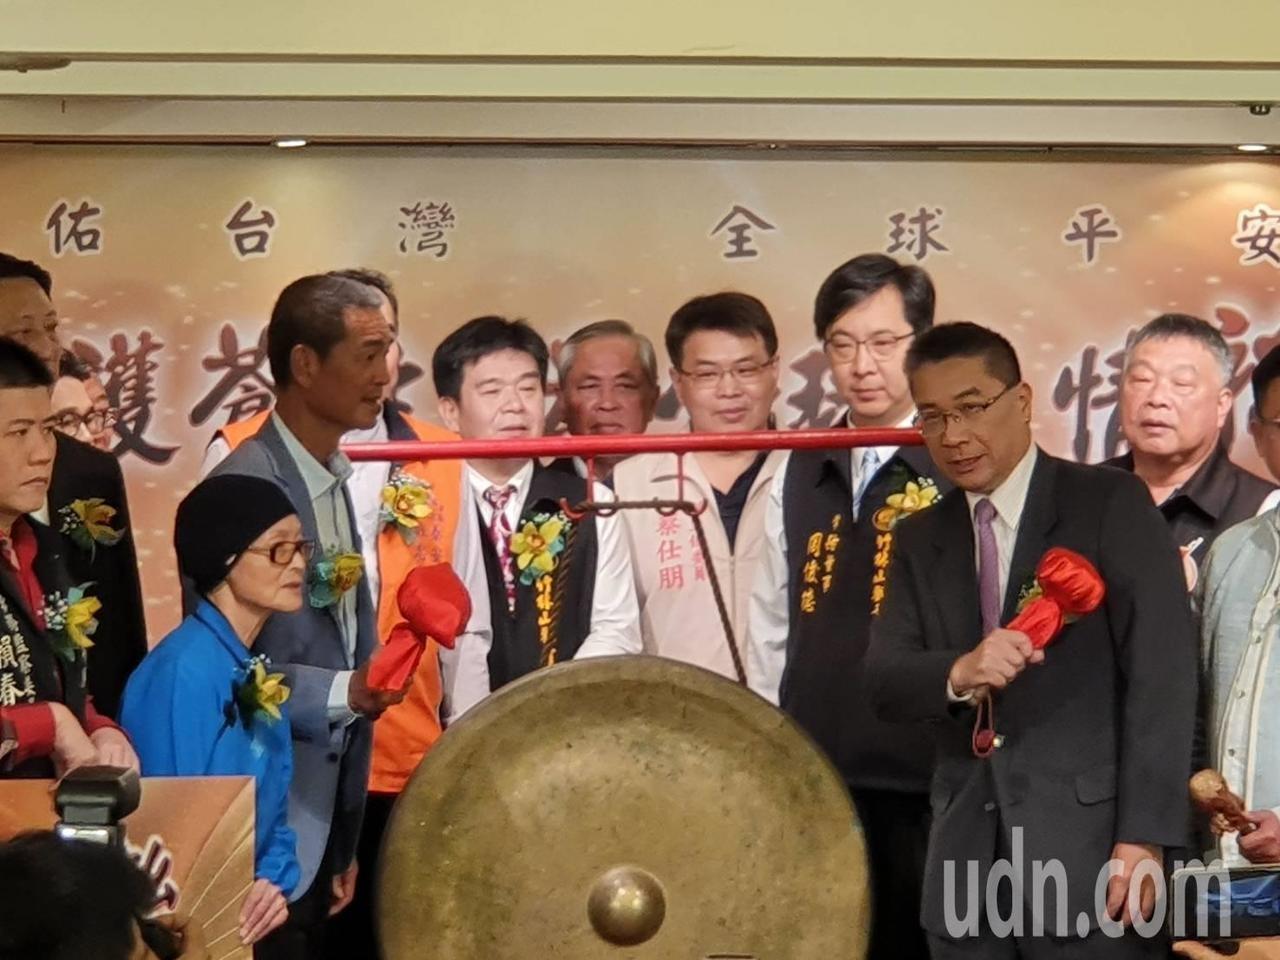 內政部長徐國勇(右二)下午參加百廟眾聖護蒼生為全球疫情祈福法會記者會。記者楊正海/攝影